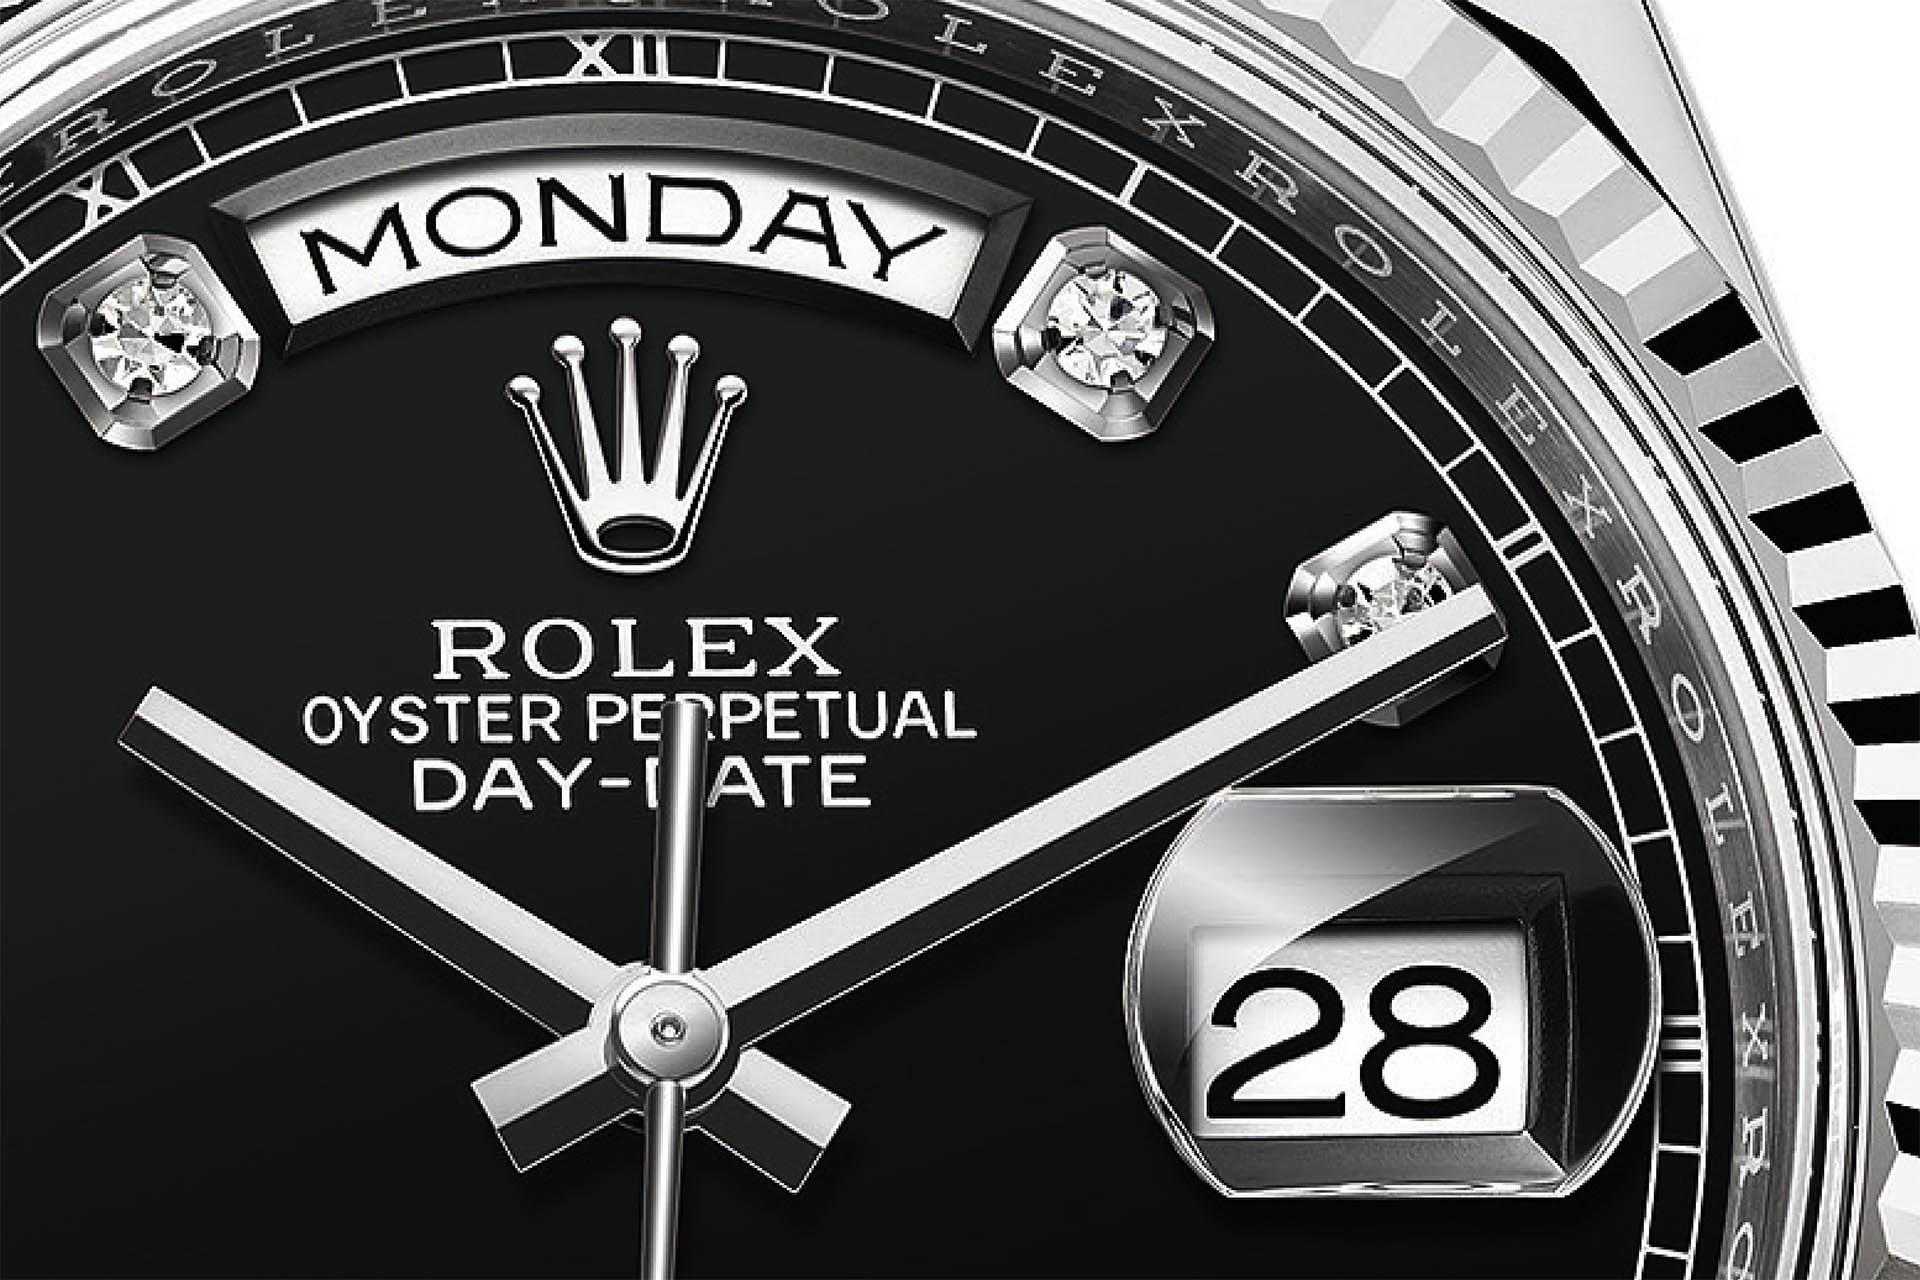 Wochentags- und Datumsfenster bei der Rolex Day-Date.